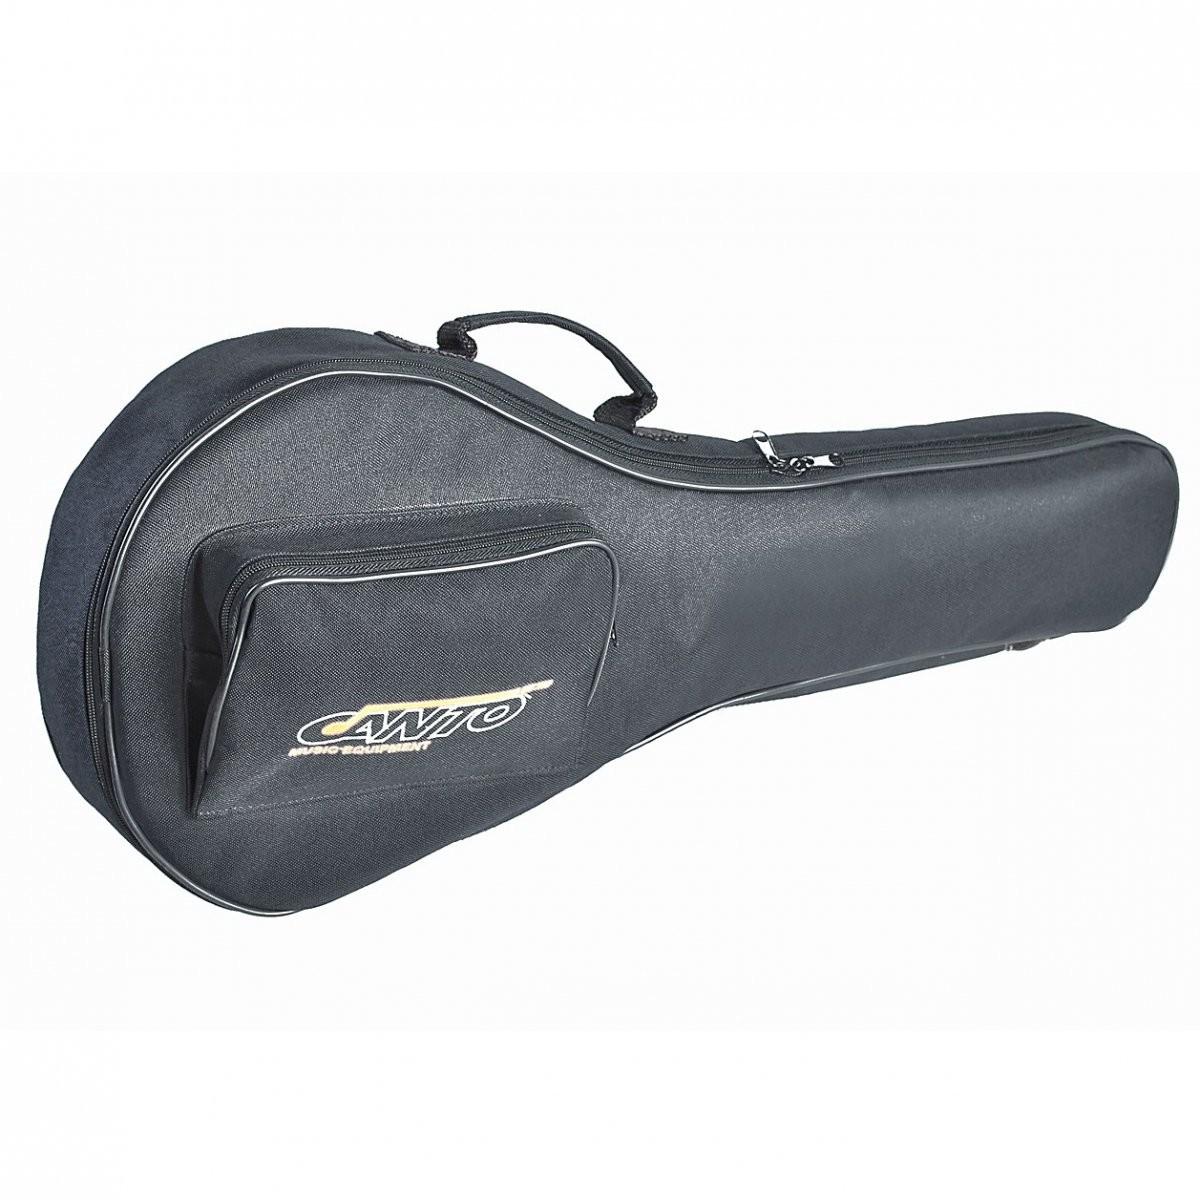 Canto MN 1,0' Pokrowiec na mandolinę